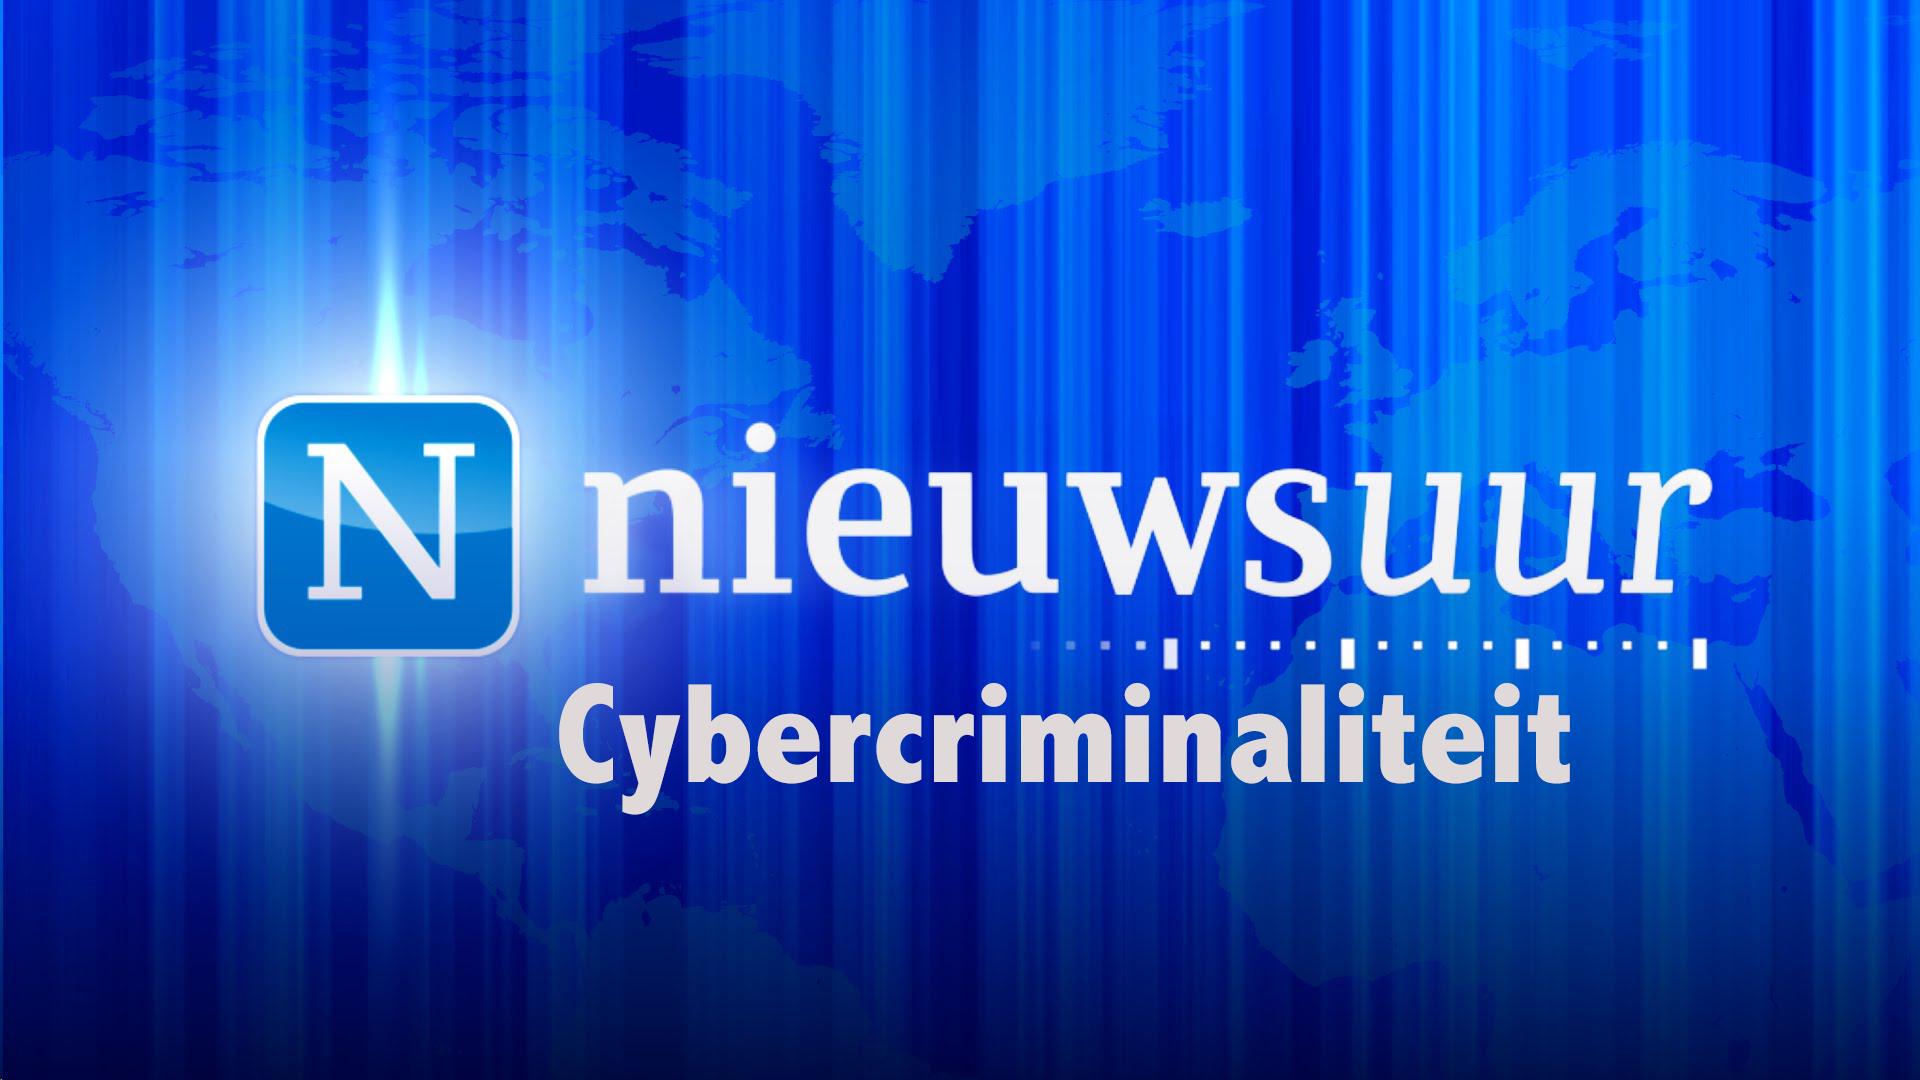 Cybercriminaliteit rapportage van Nieuwsuur